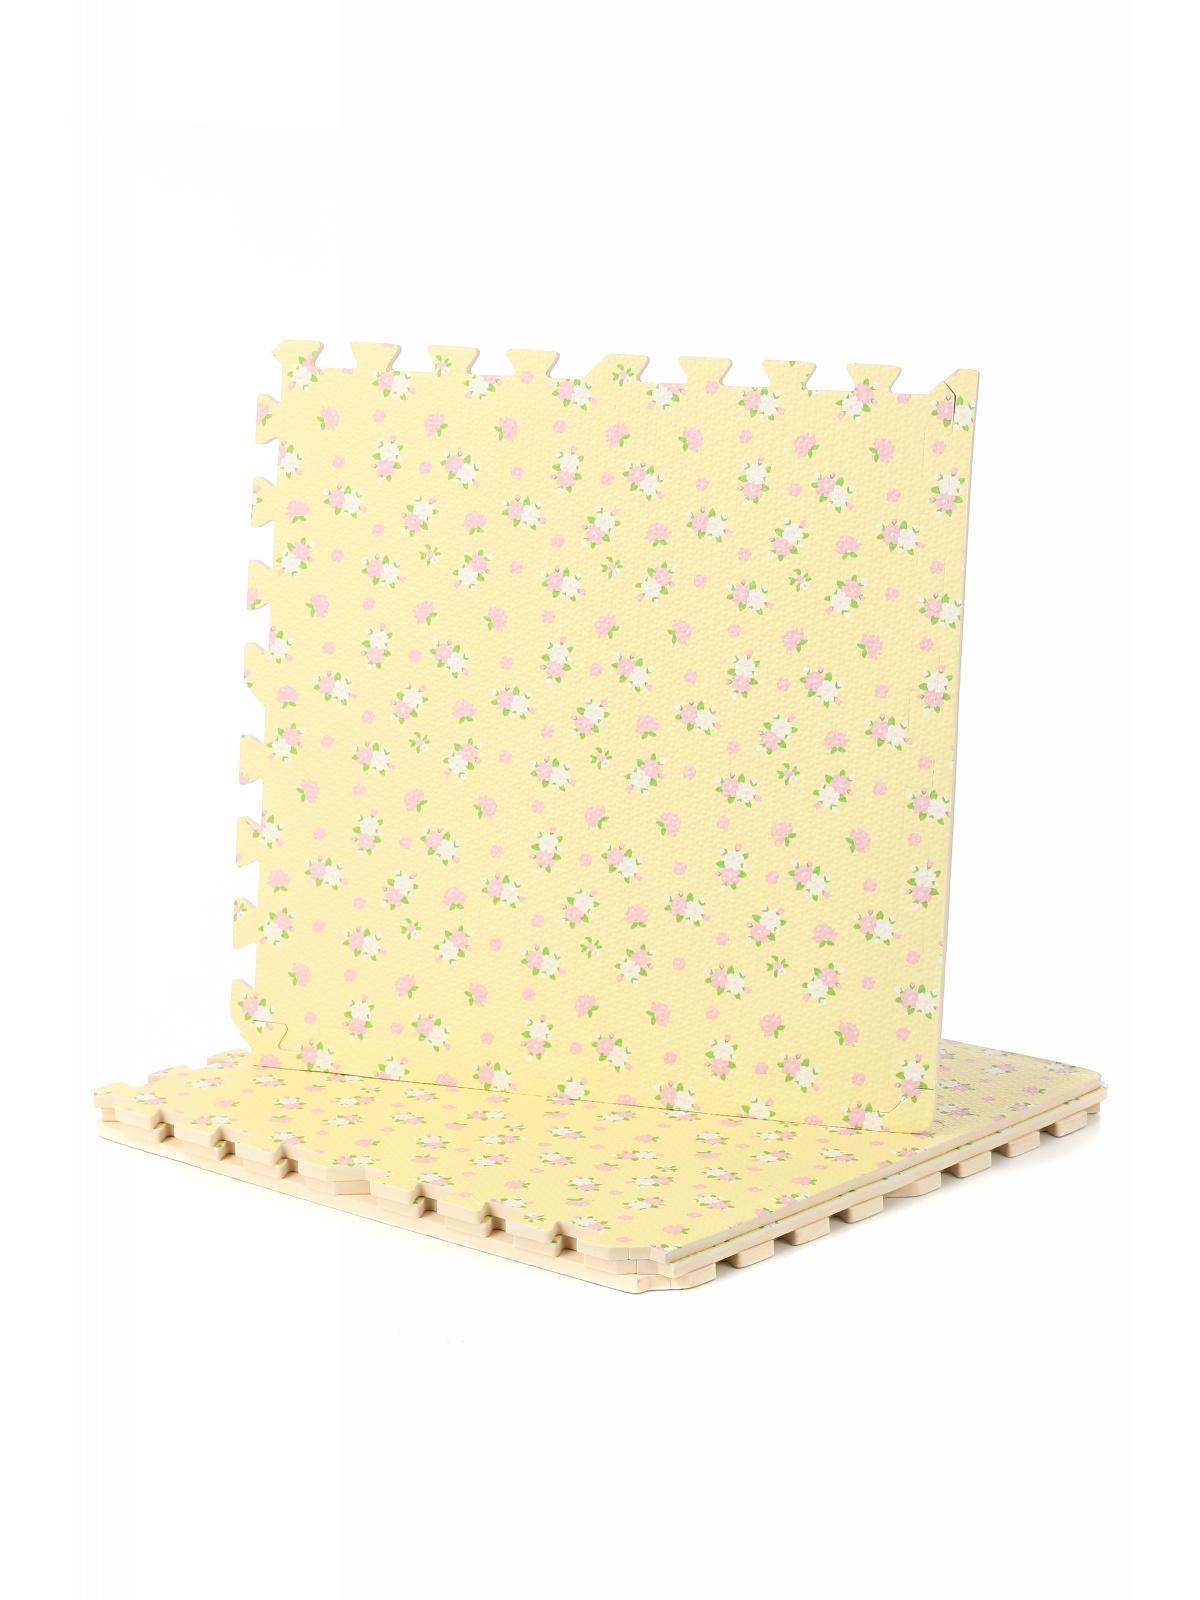 Коврик-пазл сборный 4 детали светло-желтый с принтом R019-18 DOLEMIKKI